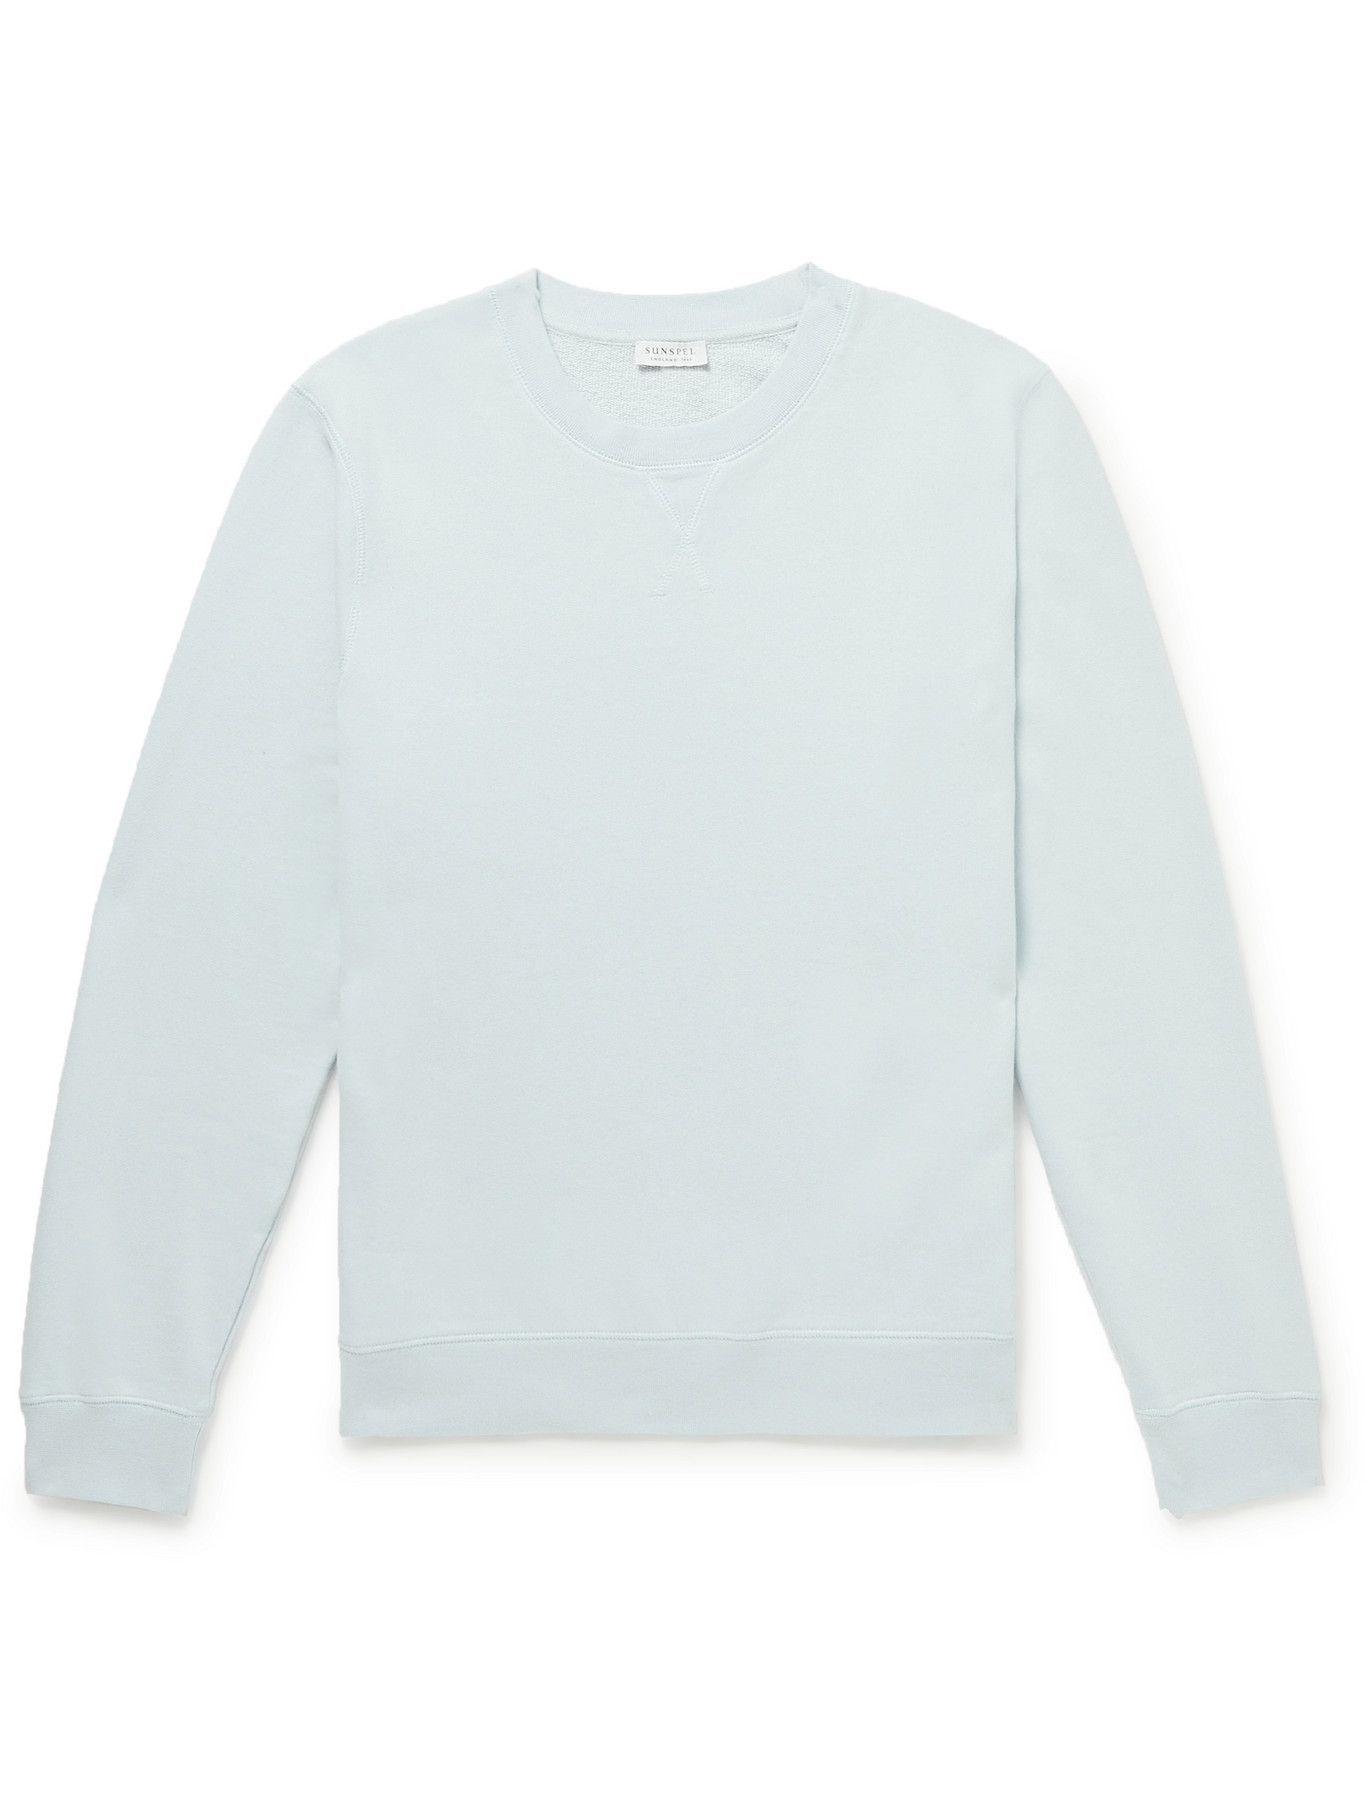 SUNSPEL - Cotton-Jersey Sweatshirt - Blue